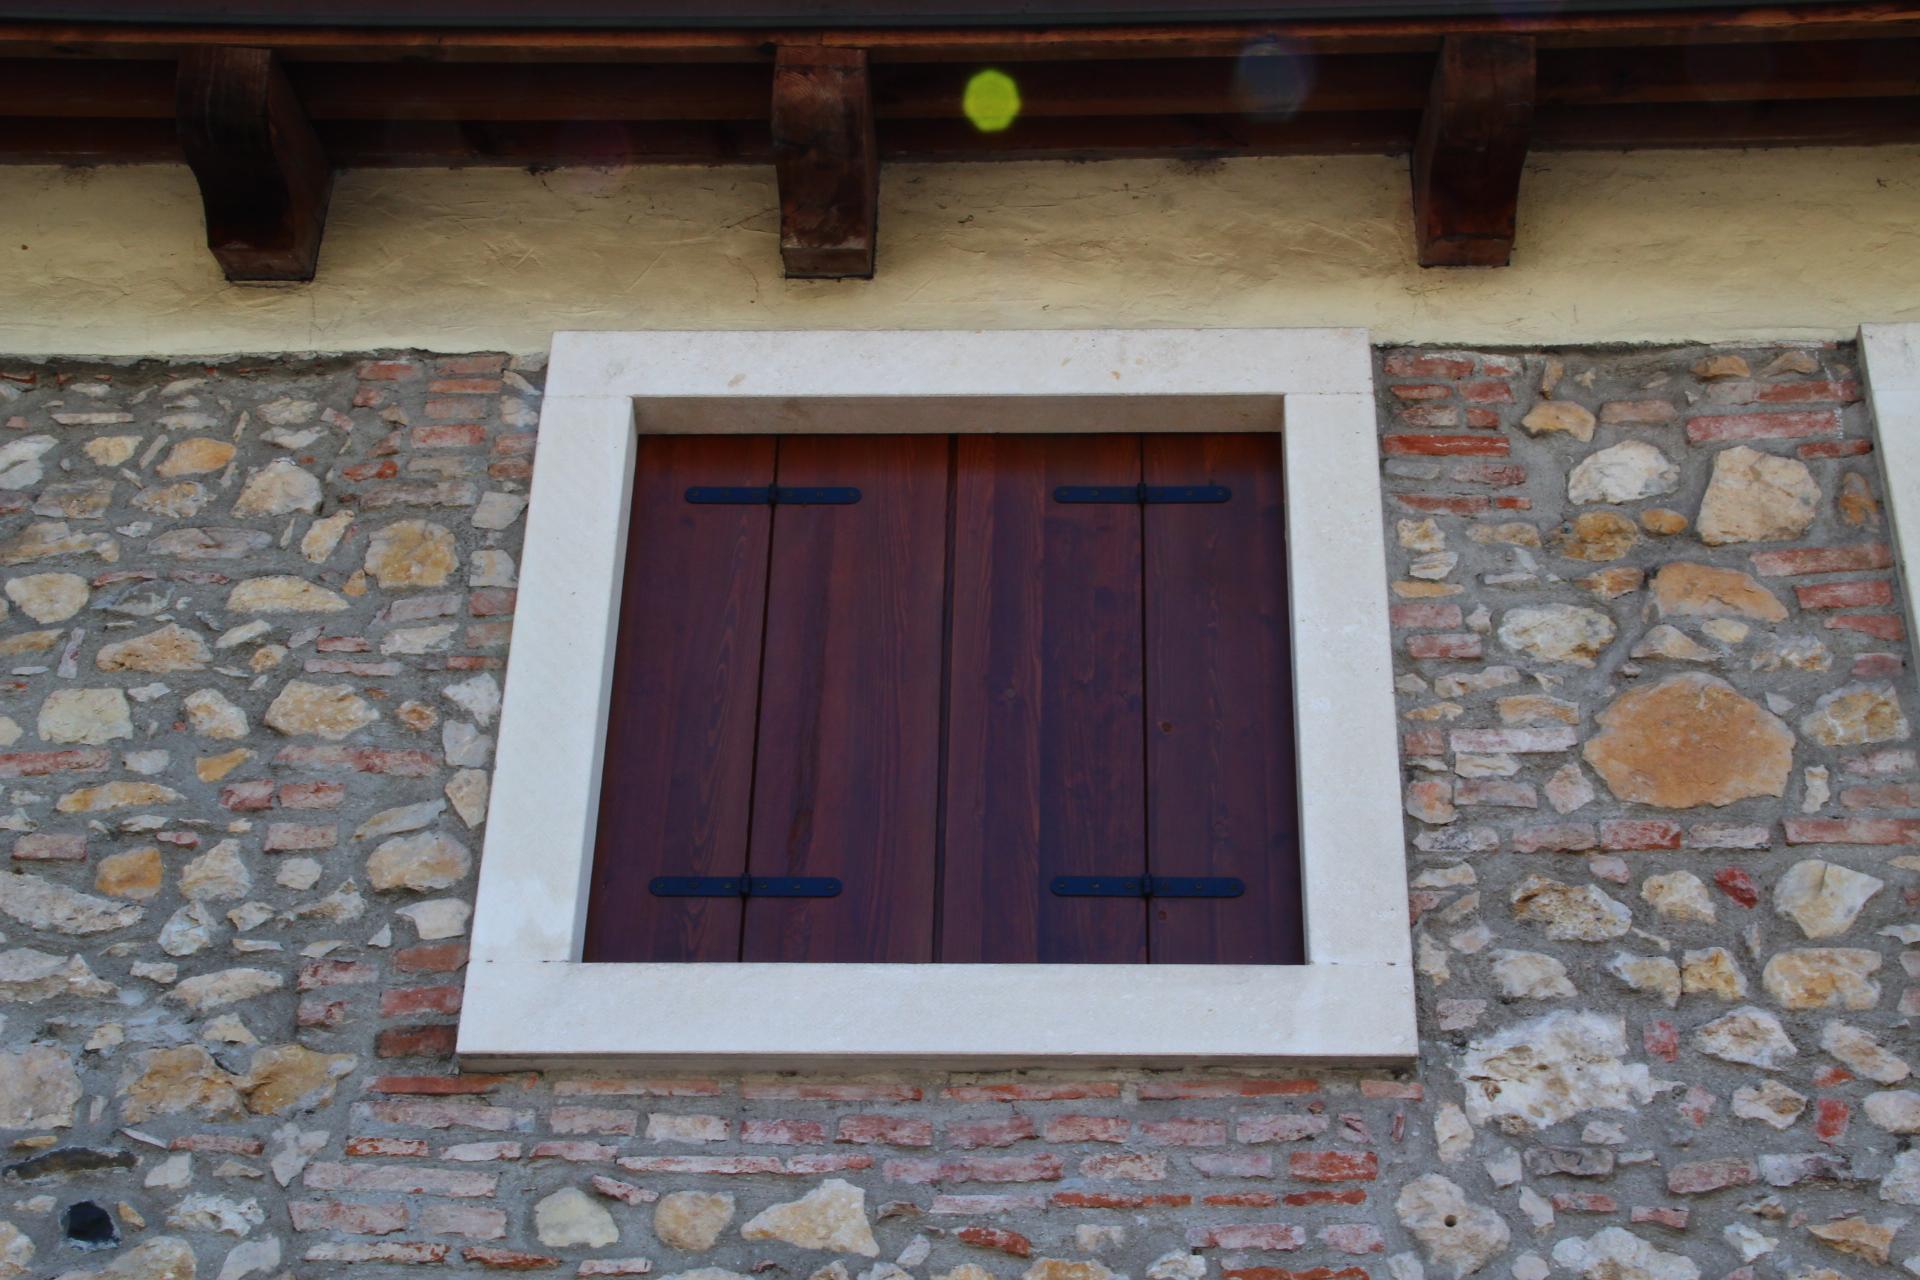 Immagini di finestre e balconi di pietra e marmo zem enrico marmi arzignano - Davanzali finestre in pietra ...